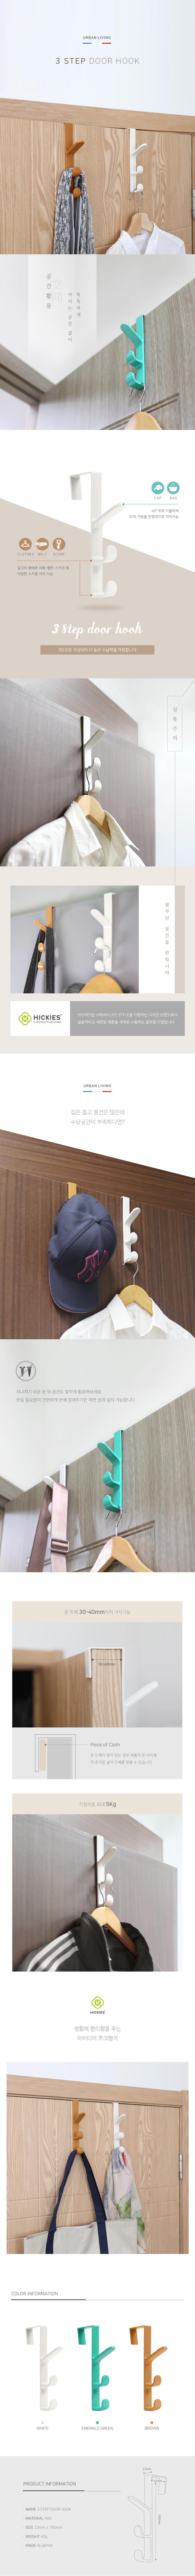 공간활용 모자 가방 옷걸이 무타공 도어 3단 후크행거 - 심플, 3,000원, 행거/드레스룸/옷걸이, 다용도훅/홀더랙